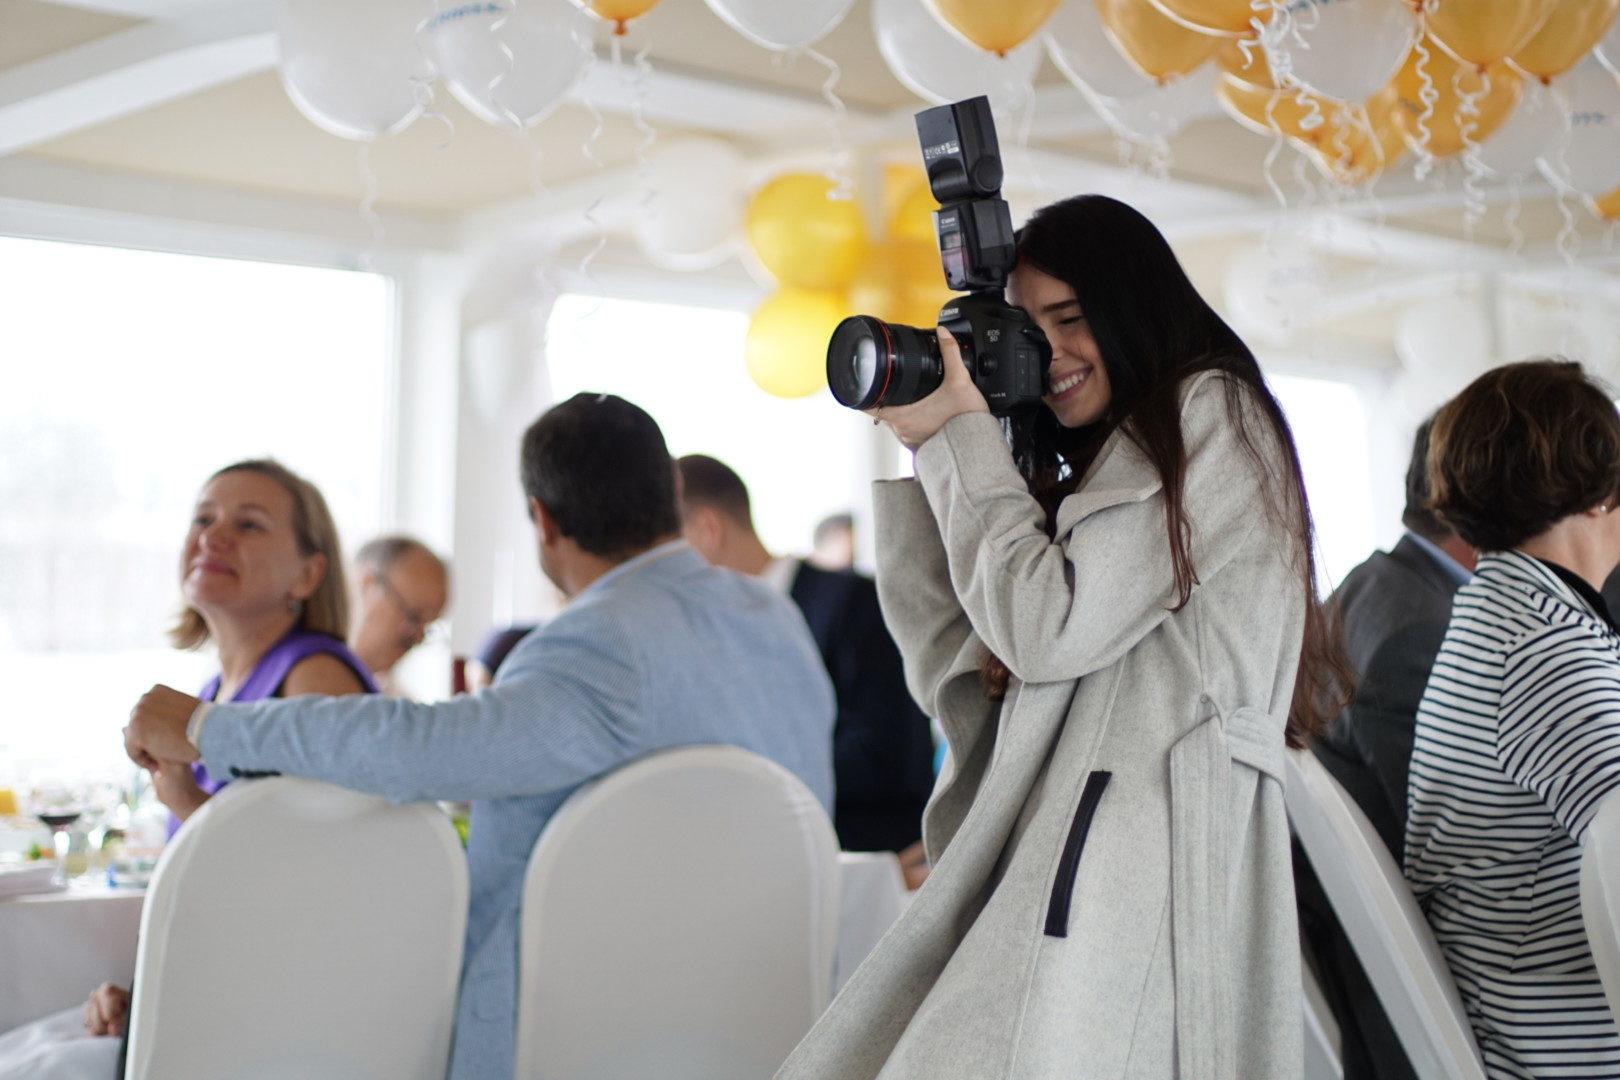 Репортажный фотограф